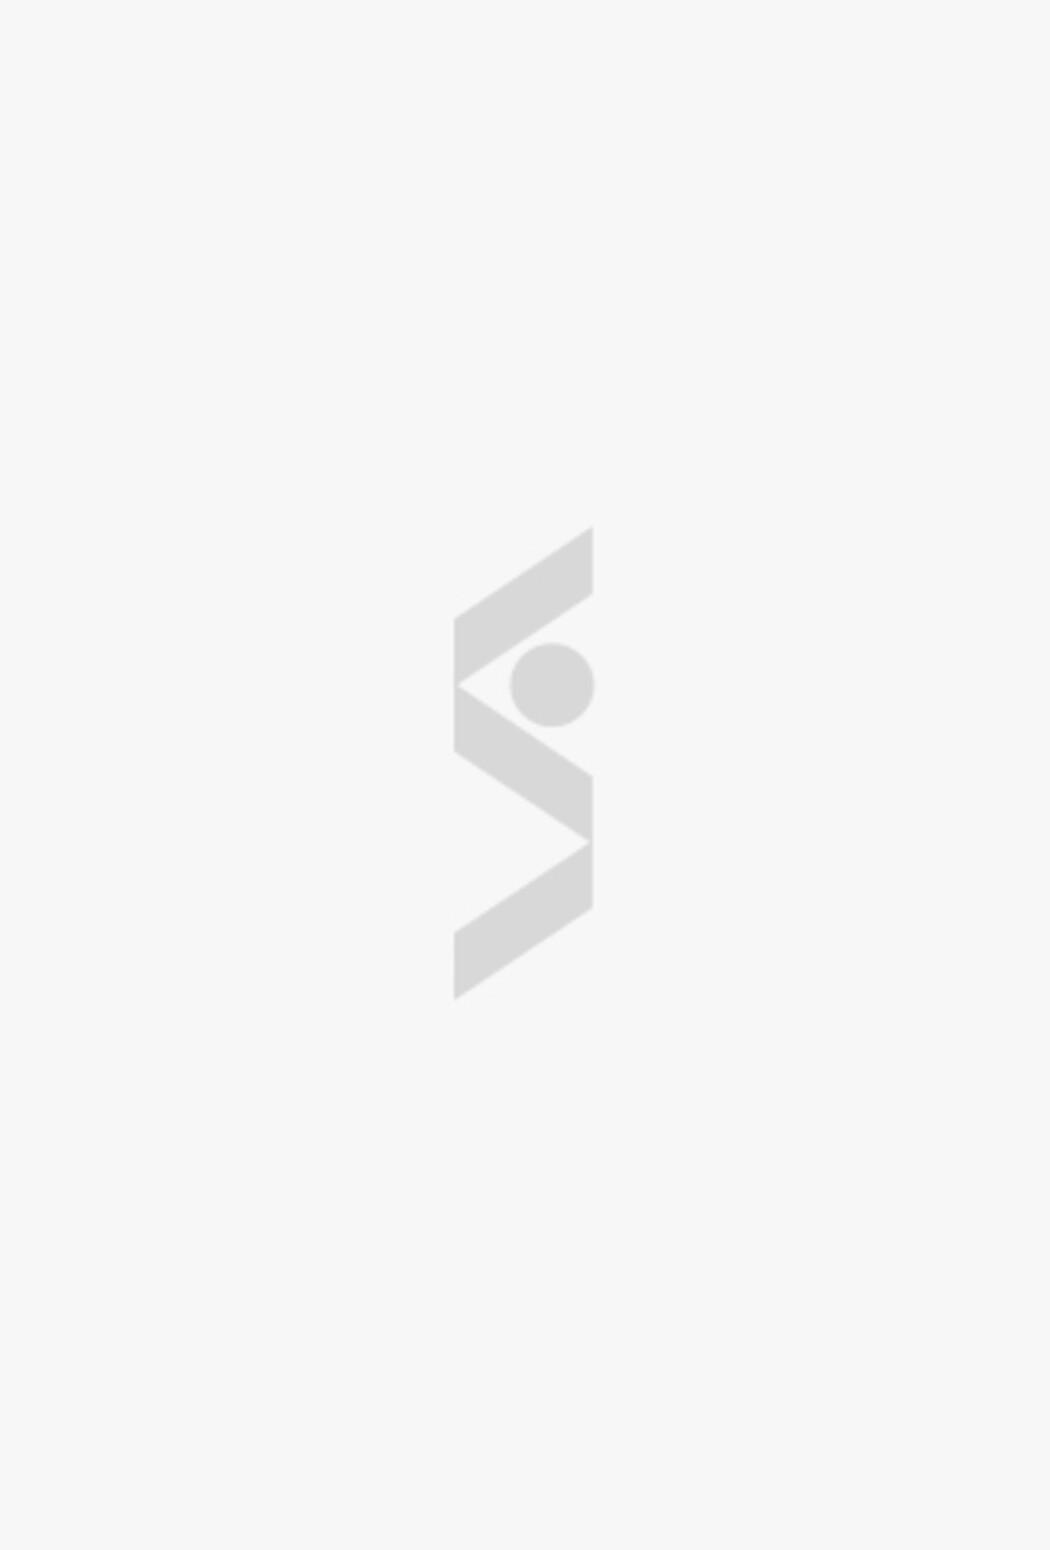 30c3e16347a9e Бикини бюстгальтер пуш-ап Esprit купить со скидкой за руб в Москве в ...